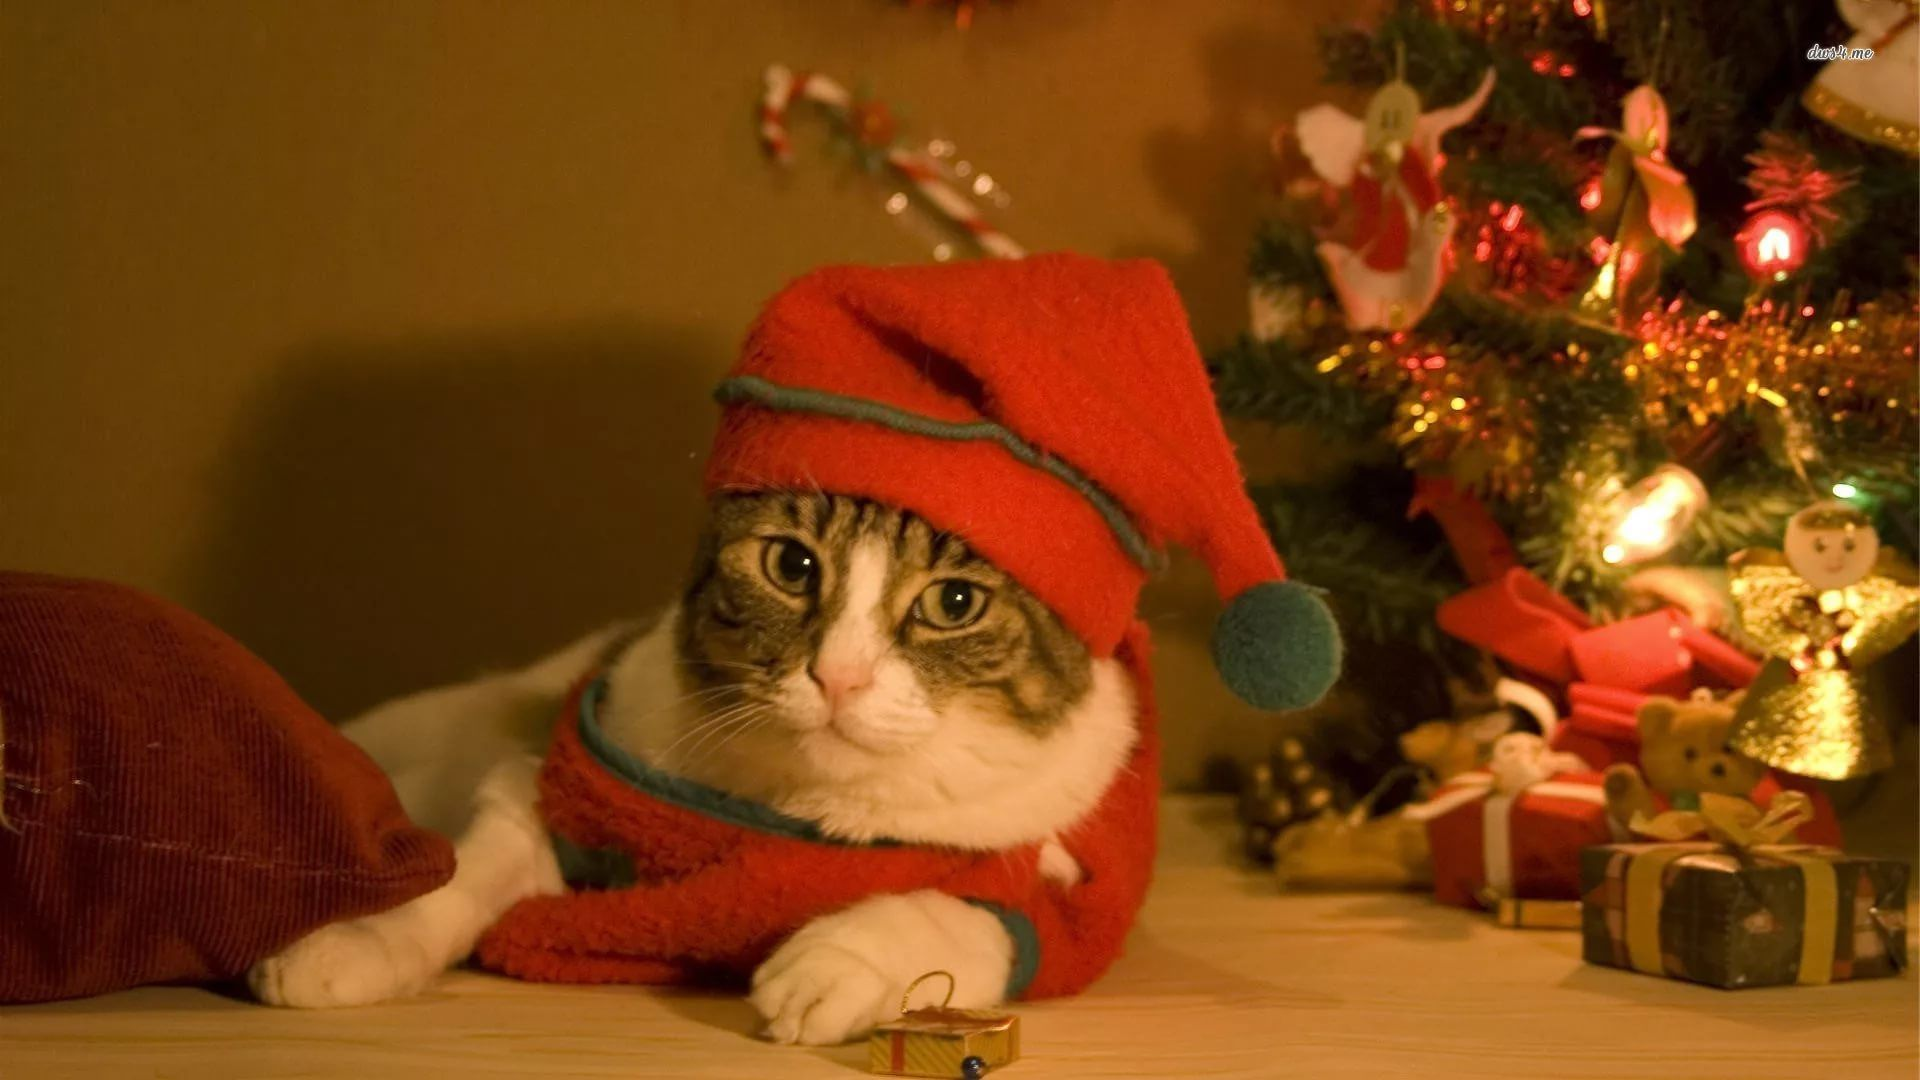 Christmas Cat full wallpaper